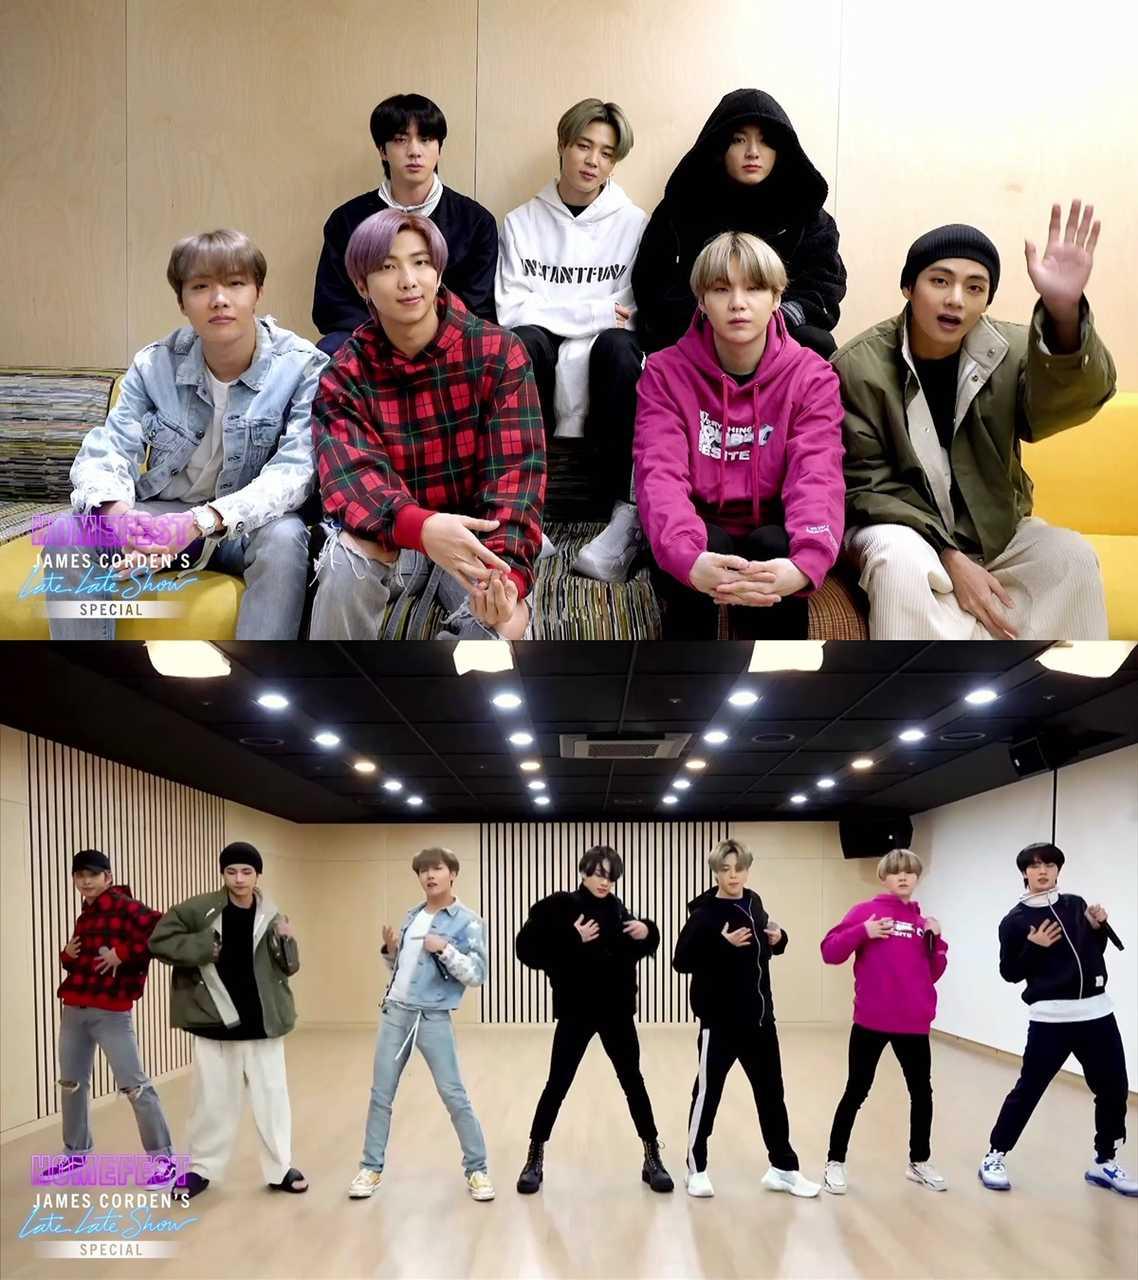 BTS、COVID-19特番米'ジェームスコーデンショー'出演「Boy With Luv」熱唱